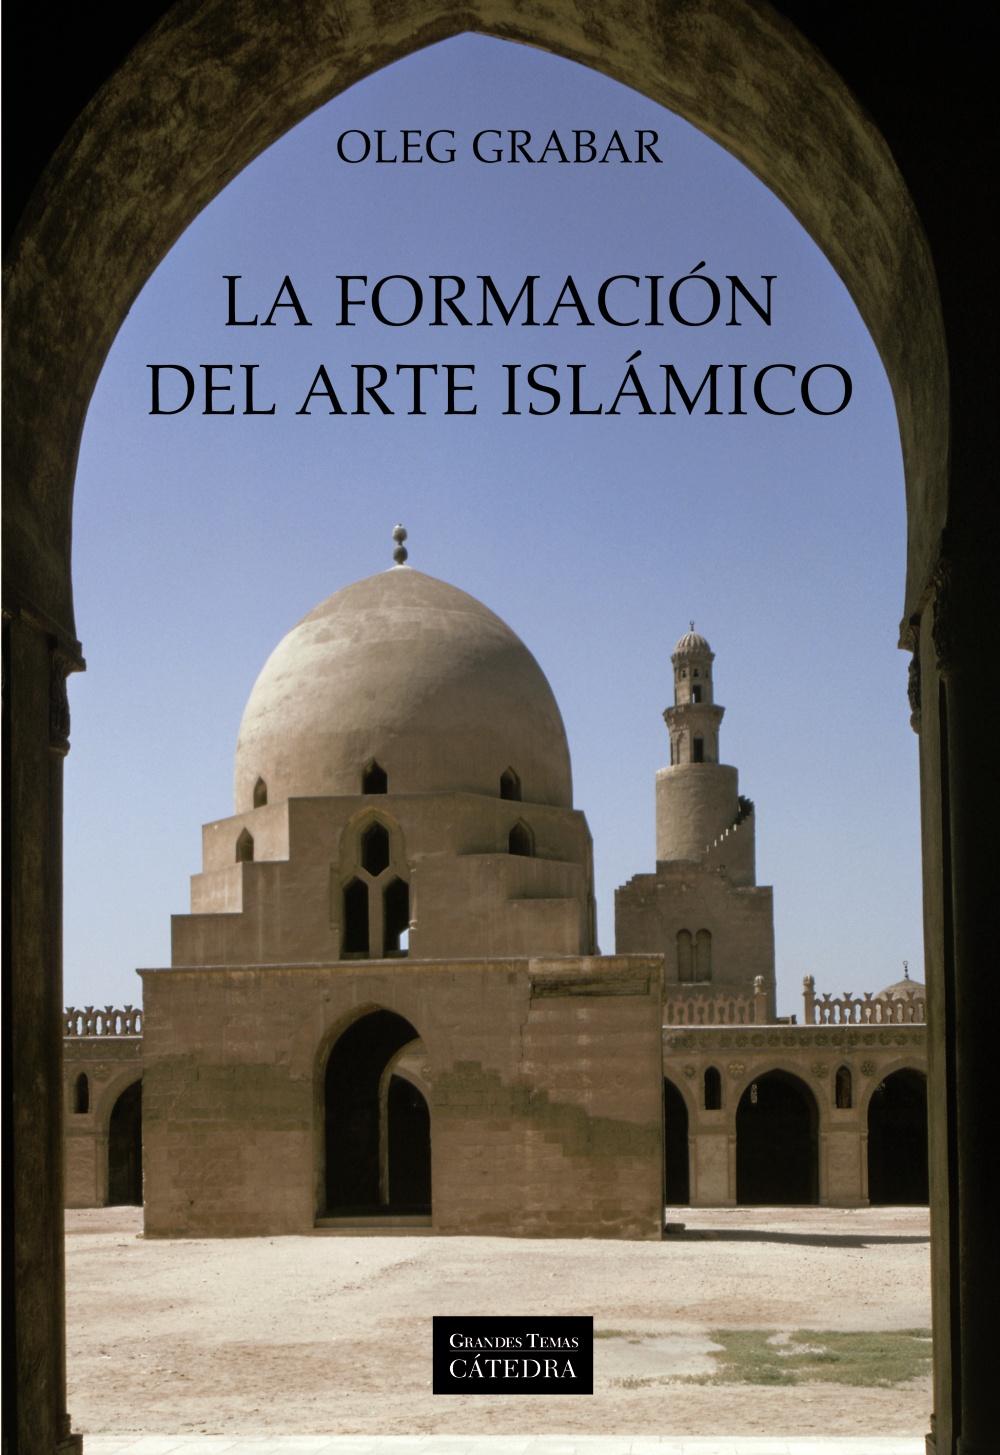 La Formacion Del Arte Islamico - Grabar Oleg